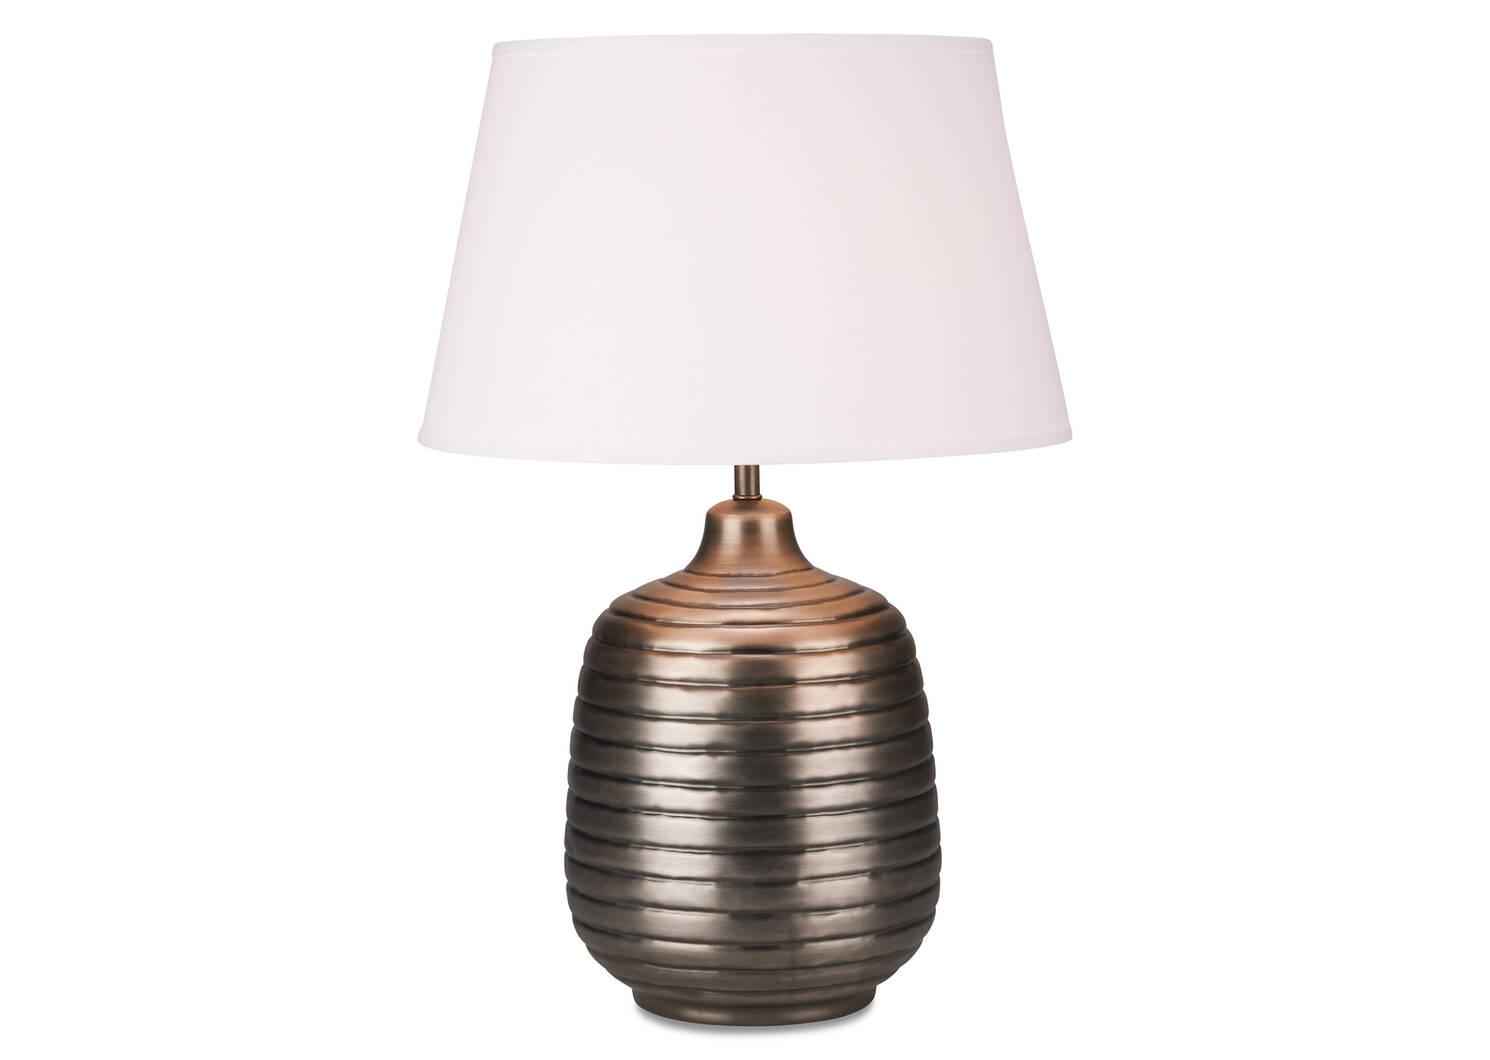 Gini Table Lamp